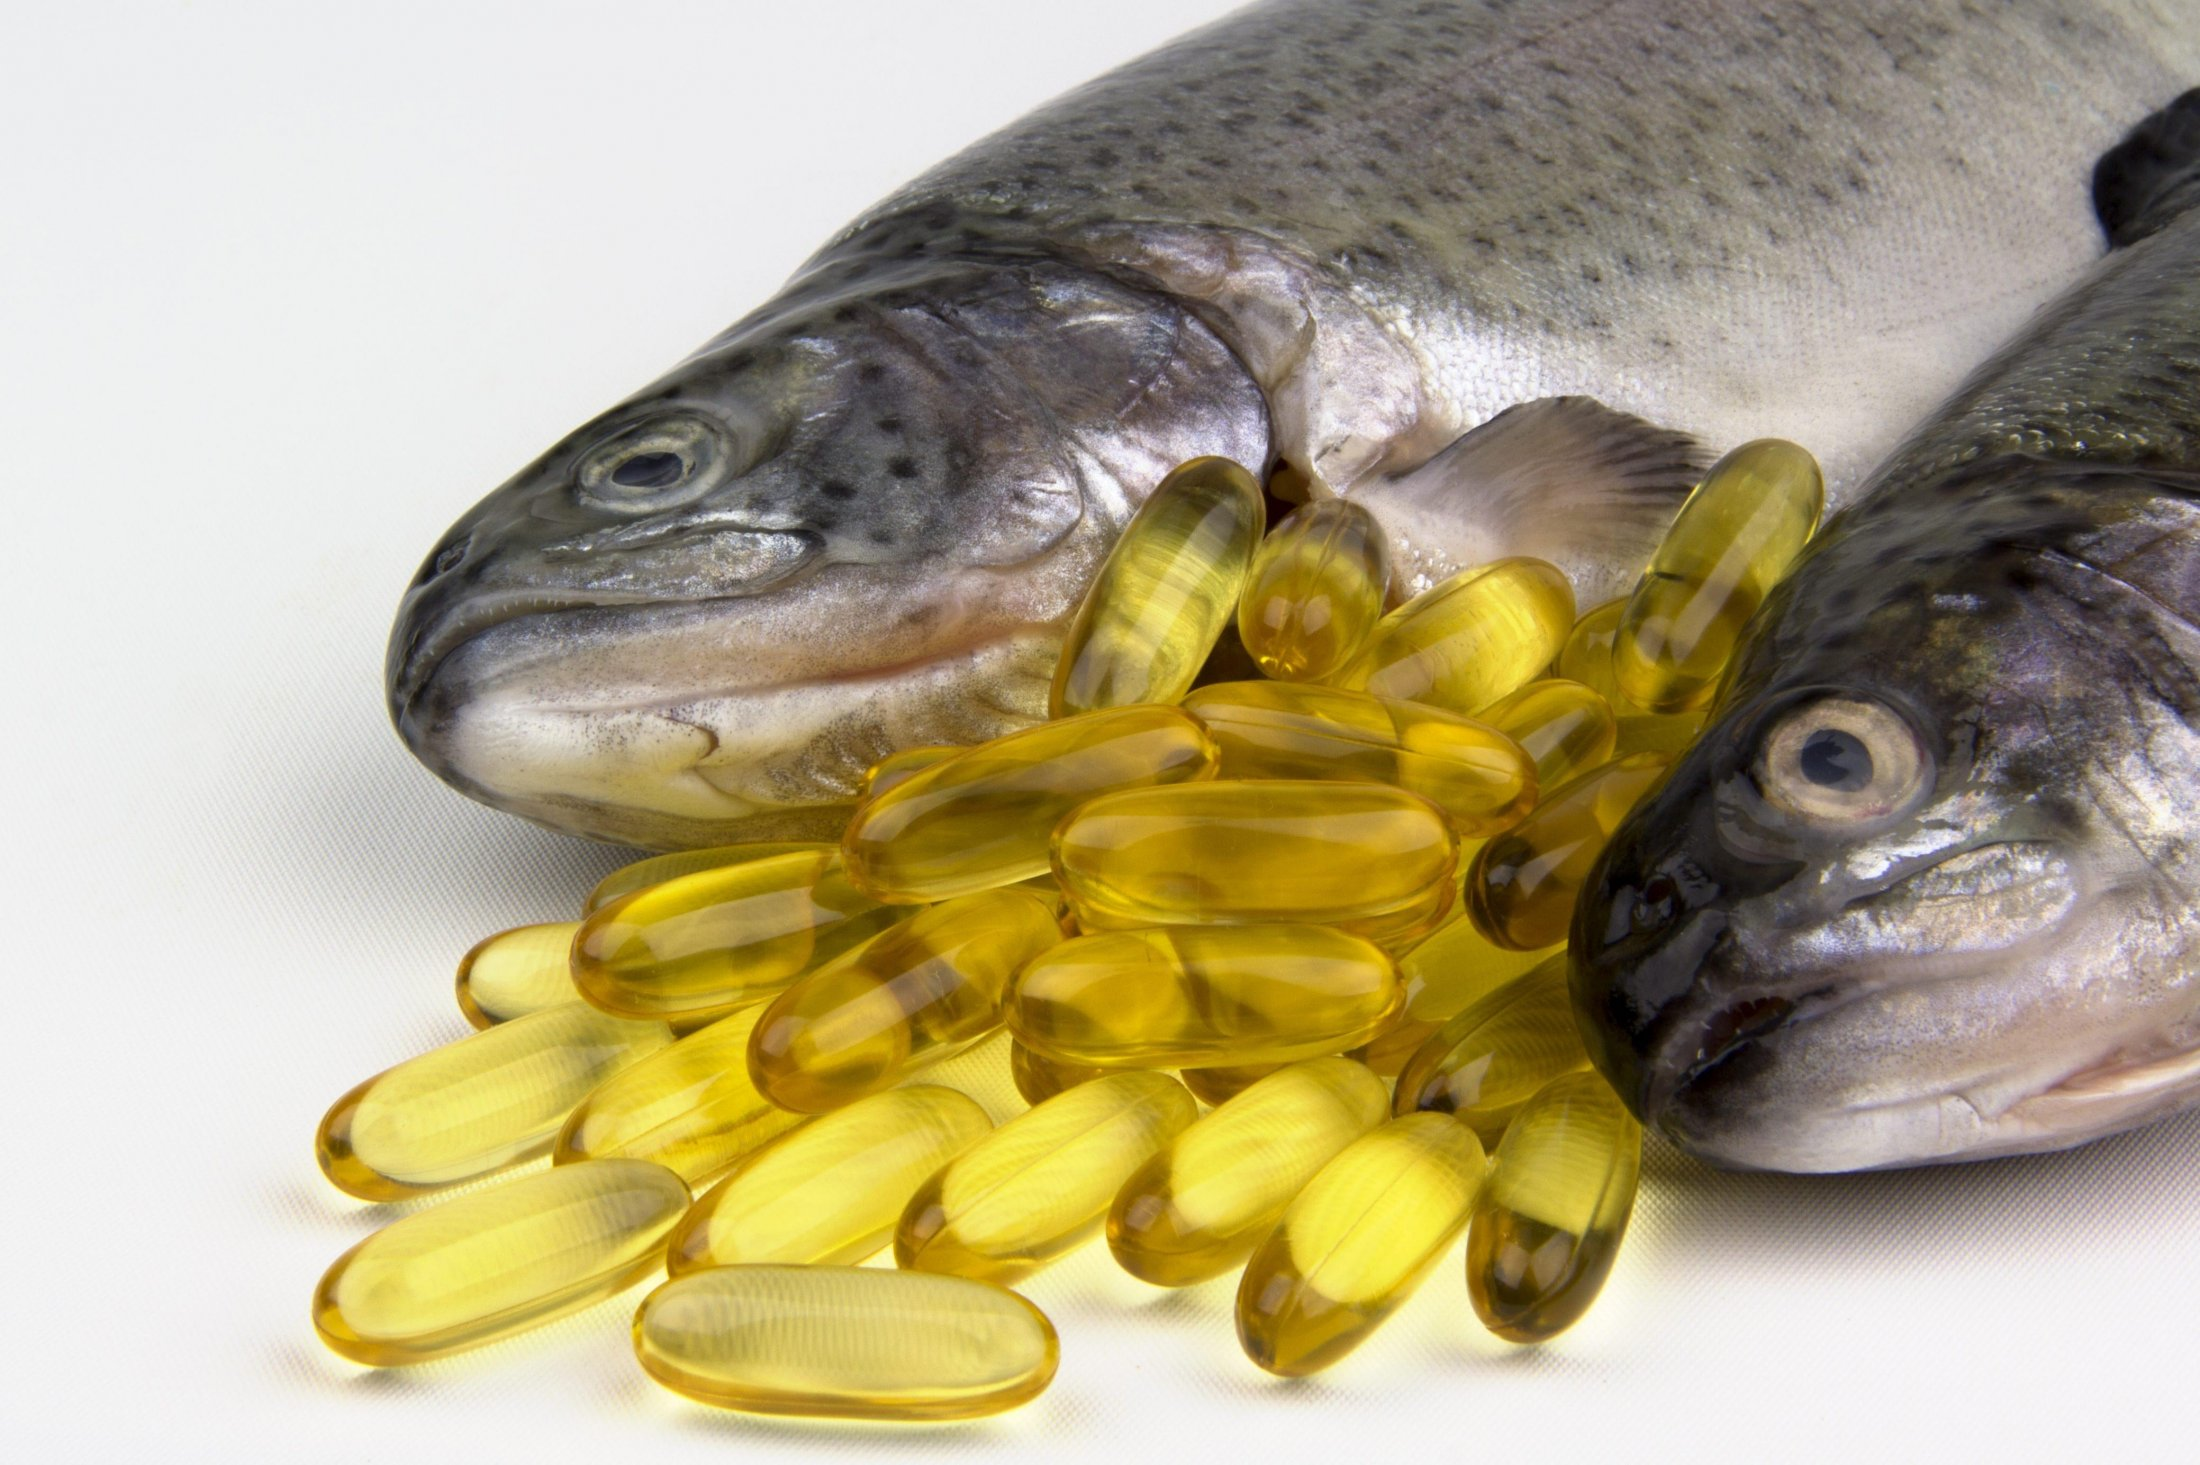 Что нужно есть, чтобы получить жирные кислоты омега-3?